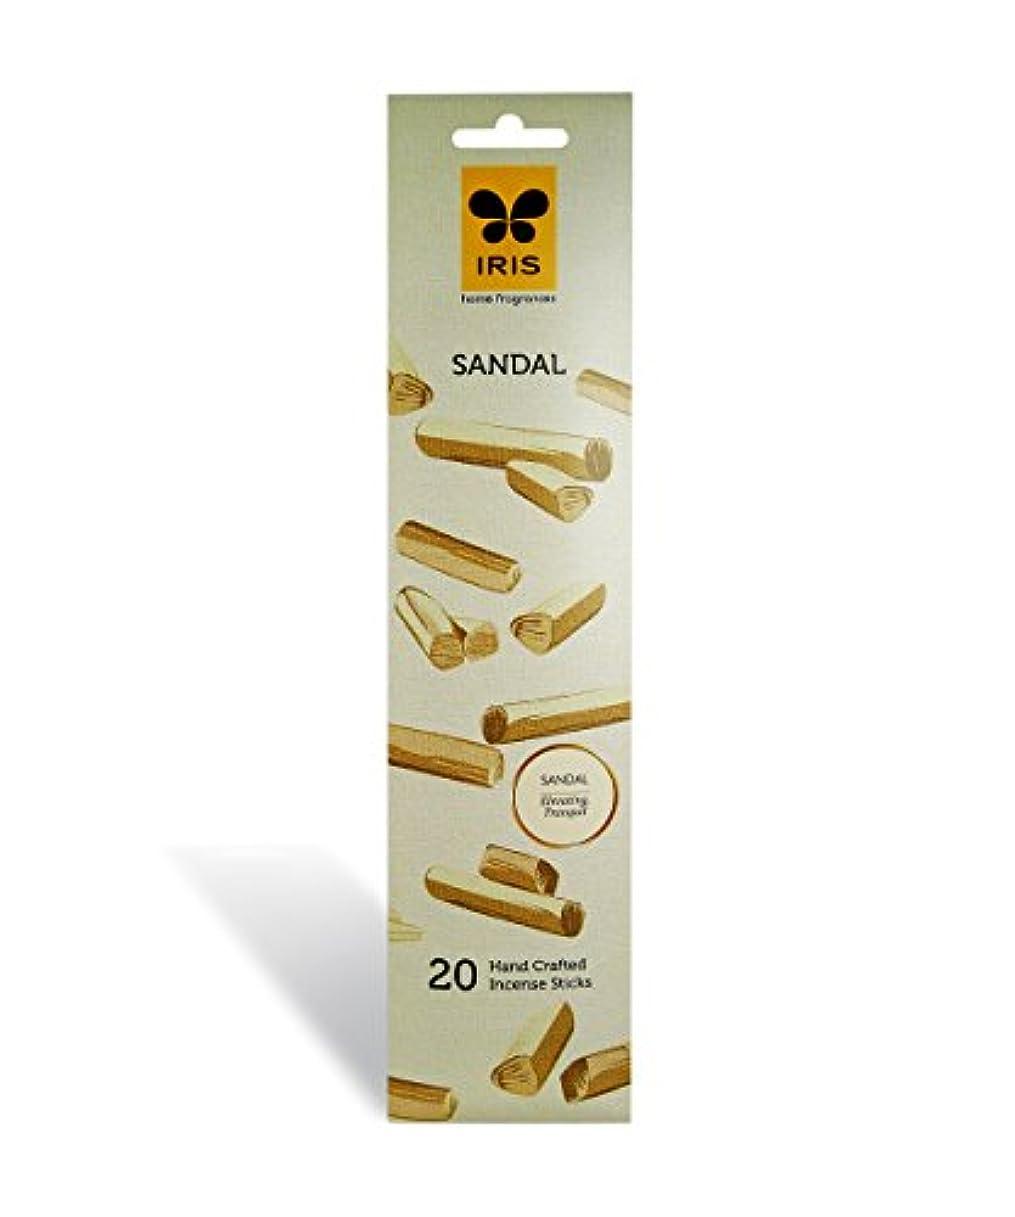 スクラップブック警告秘密のIRIS Signature Sandal Fragrance Incense Sticks